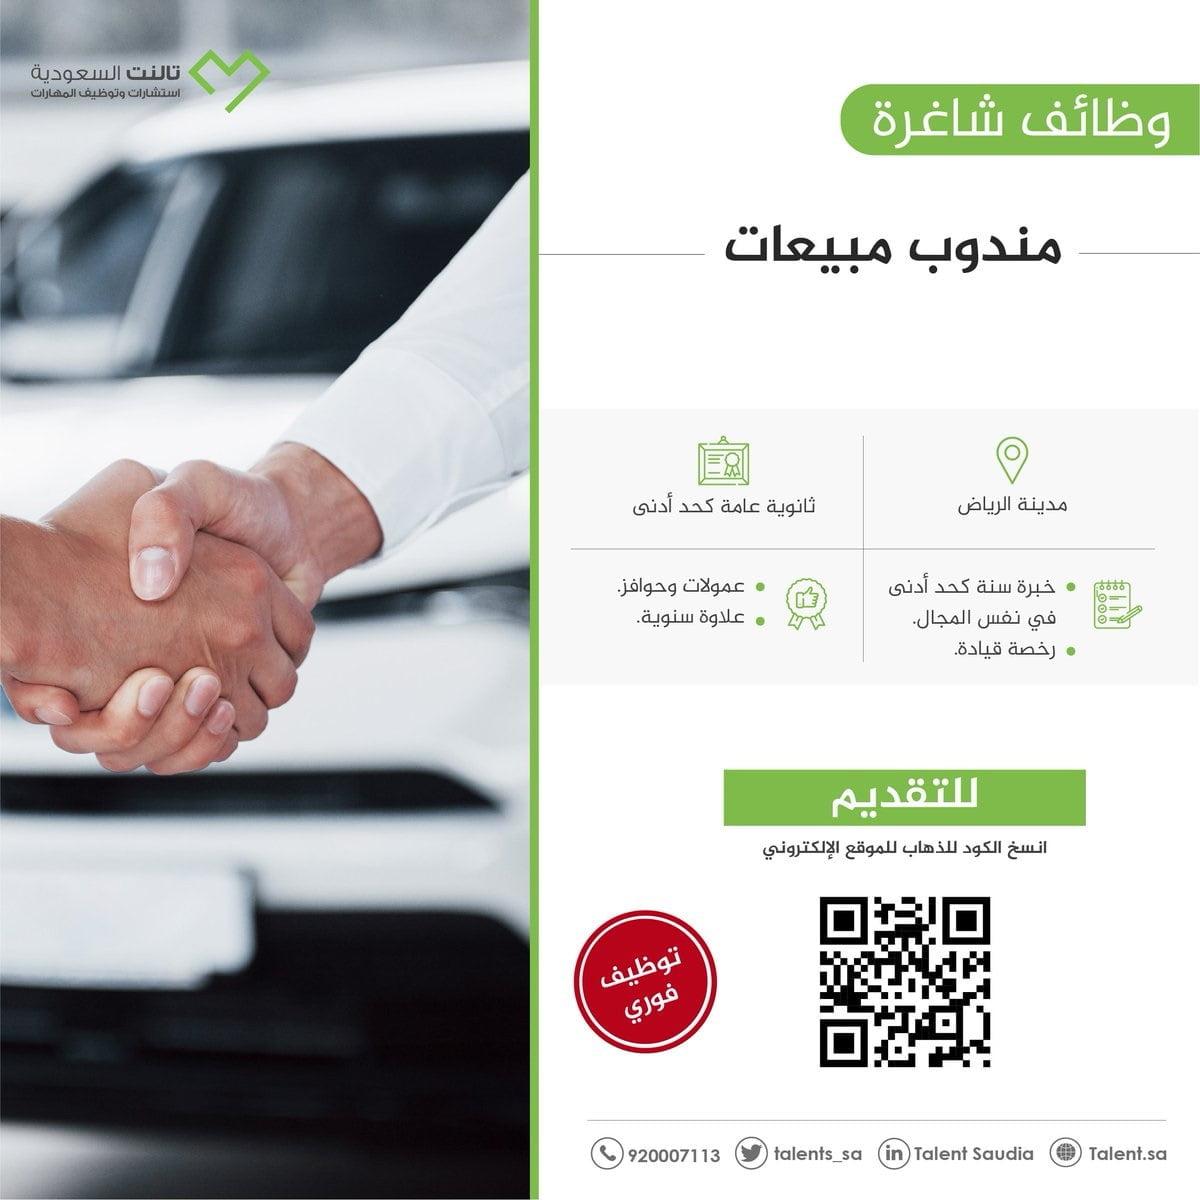 توفر وظائف شاغرة لحملة الثانوية فأعلى لدى شركة تالنت السعودية 3